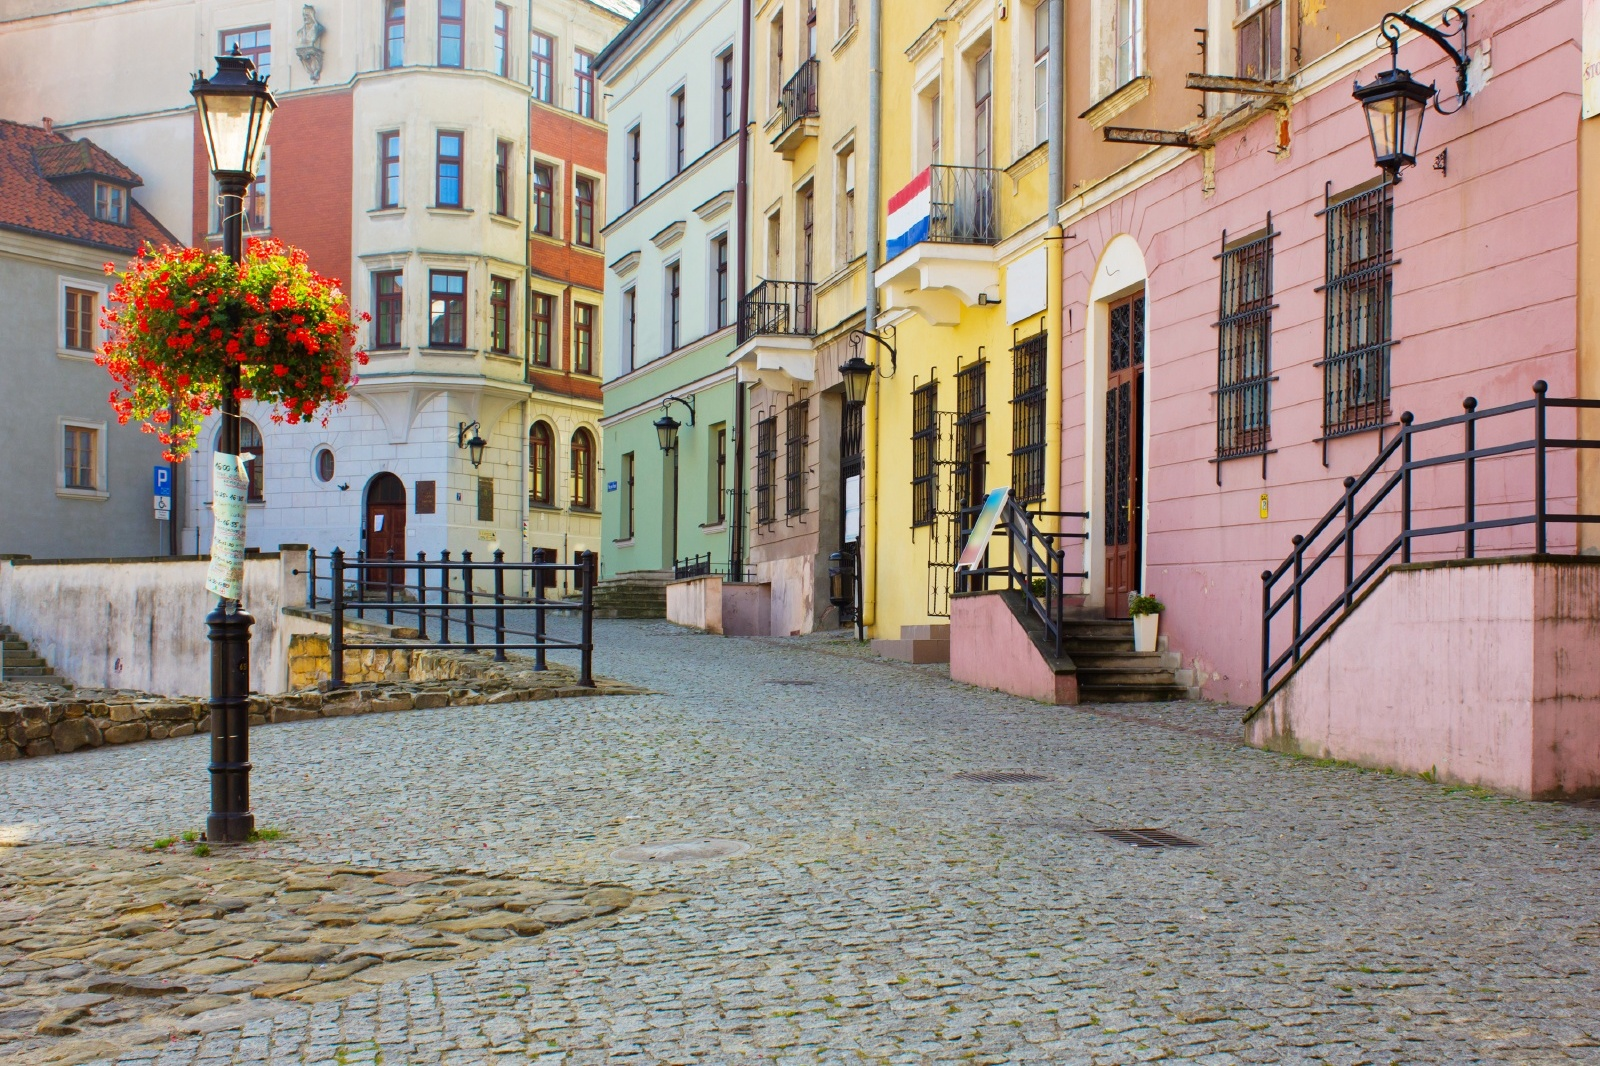 ルブリン旧市街